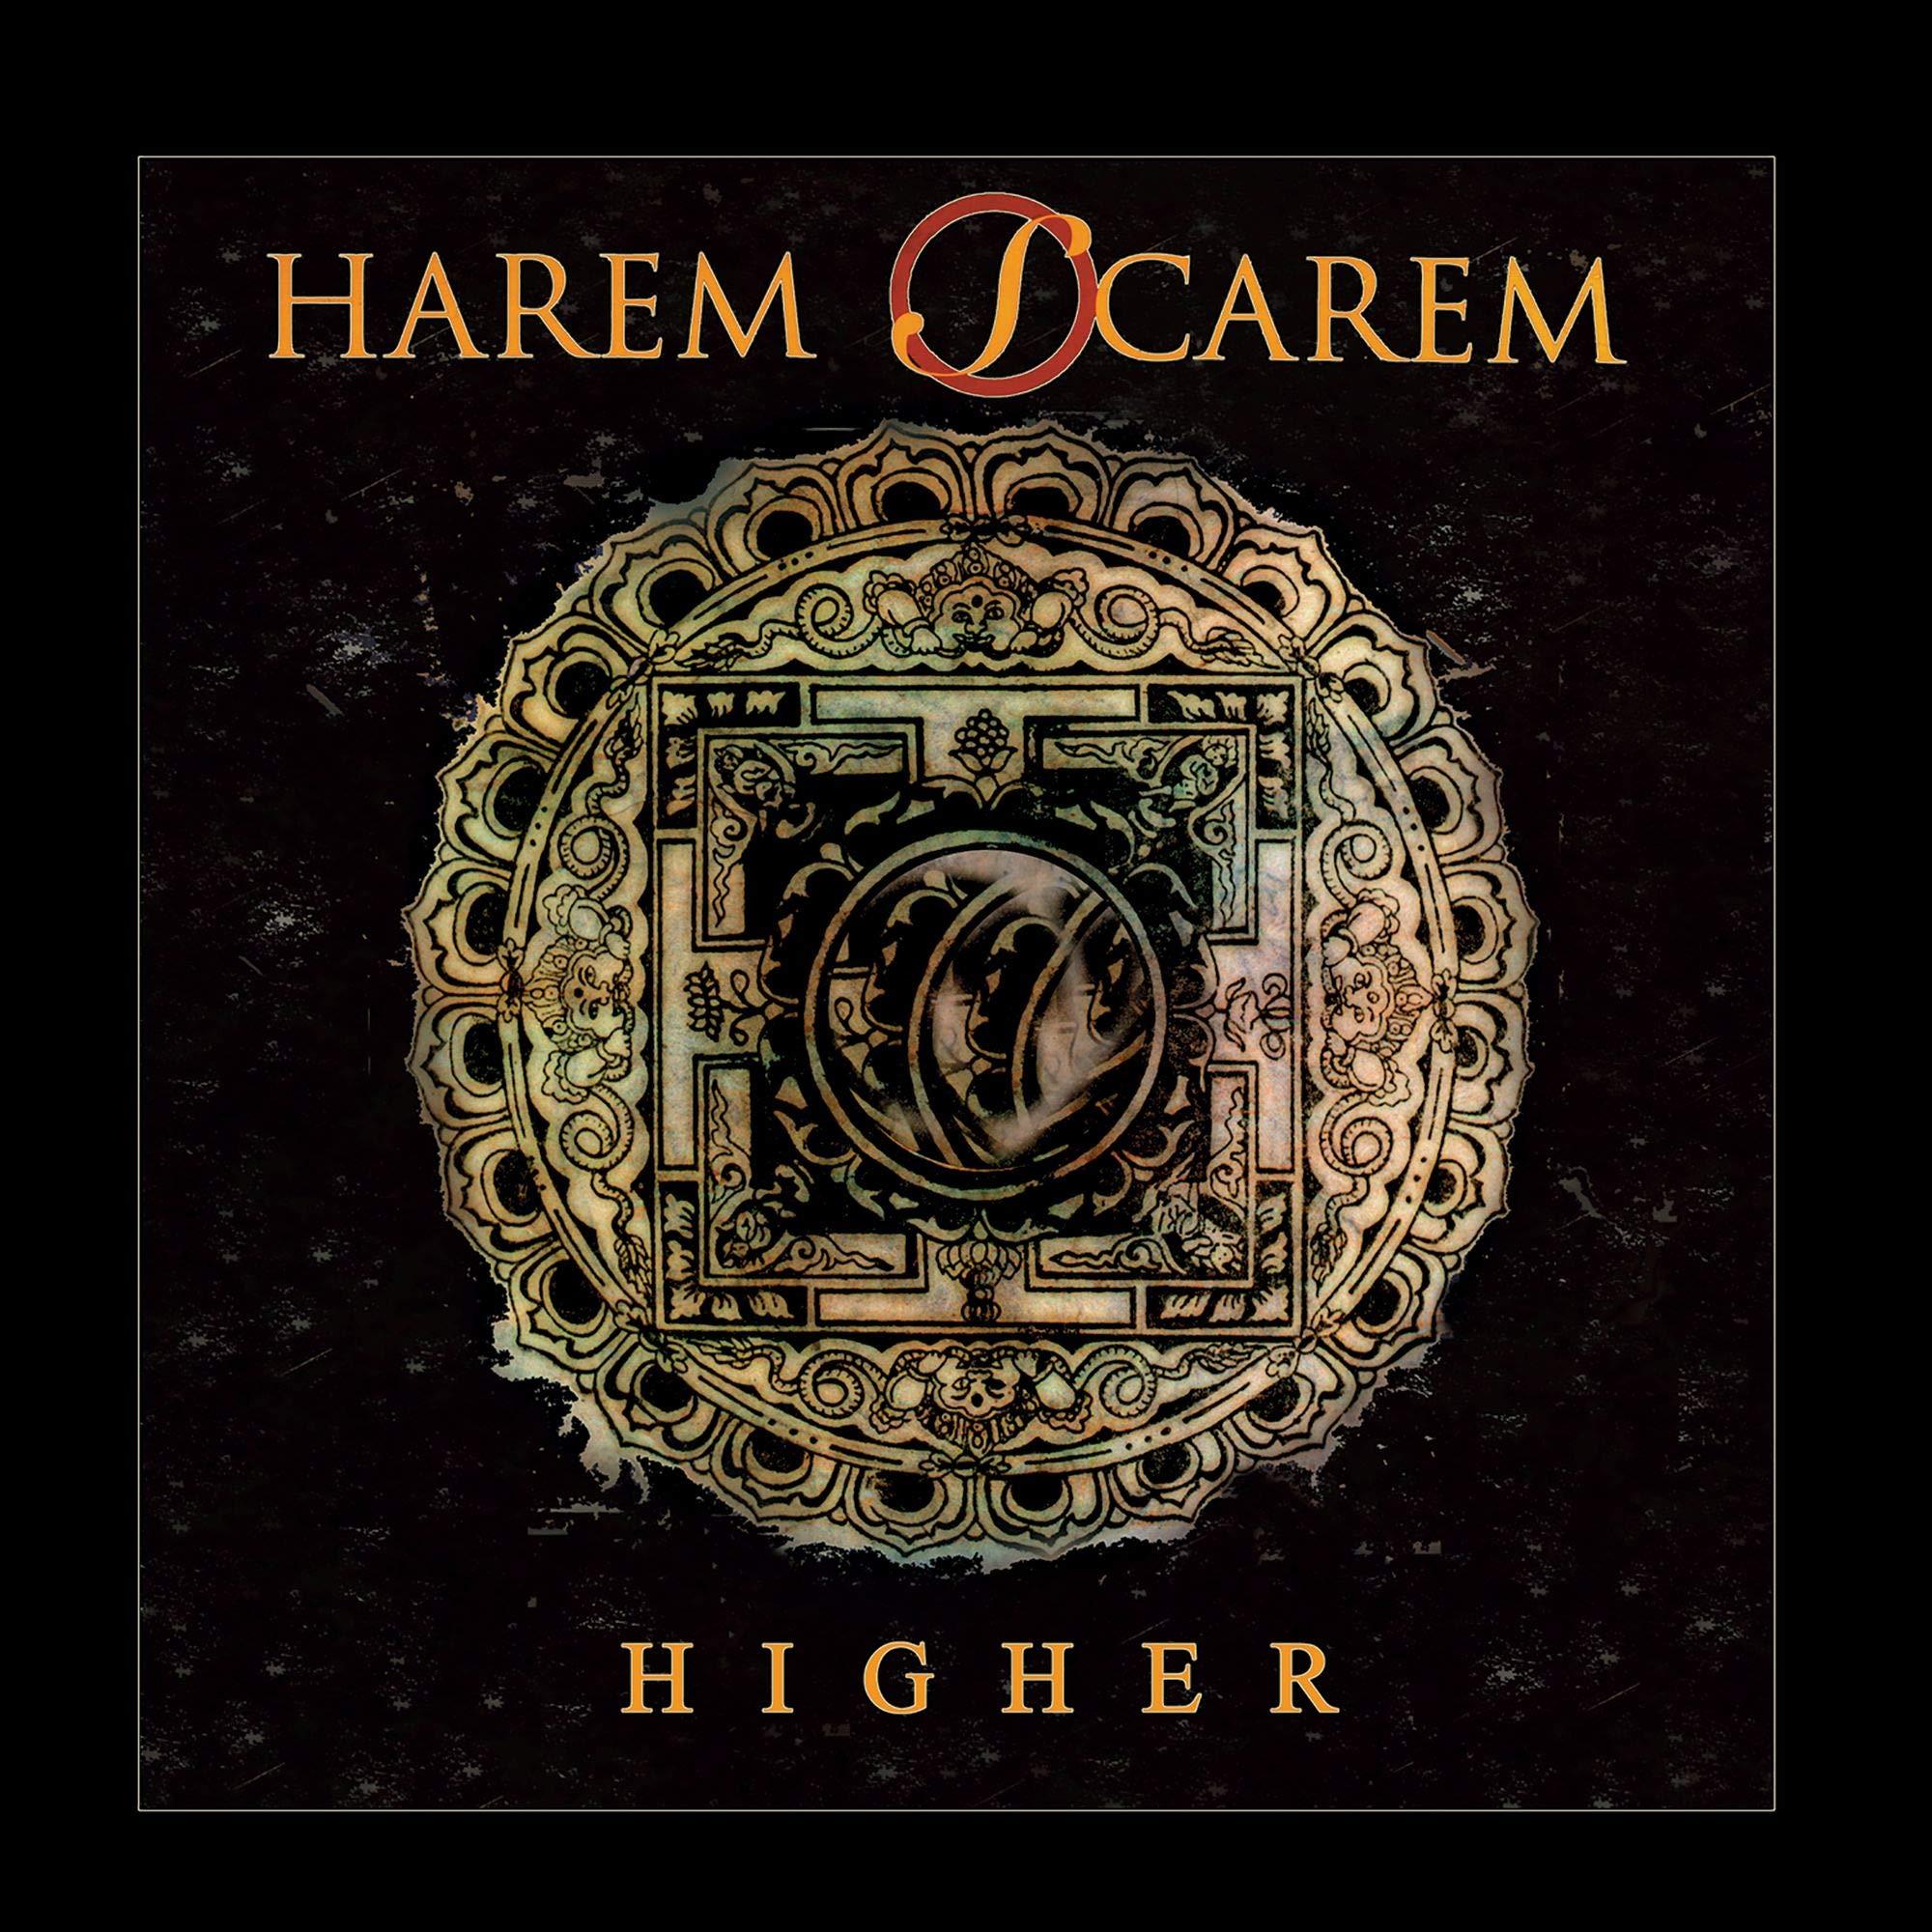 Vinilo : Harem Scarem - Higher (Gold)